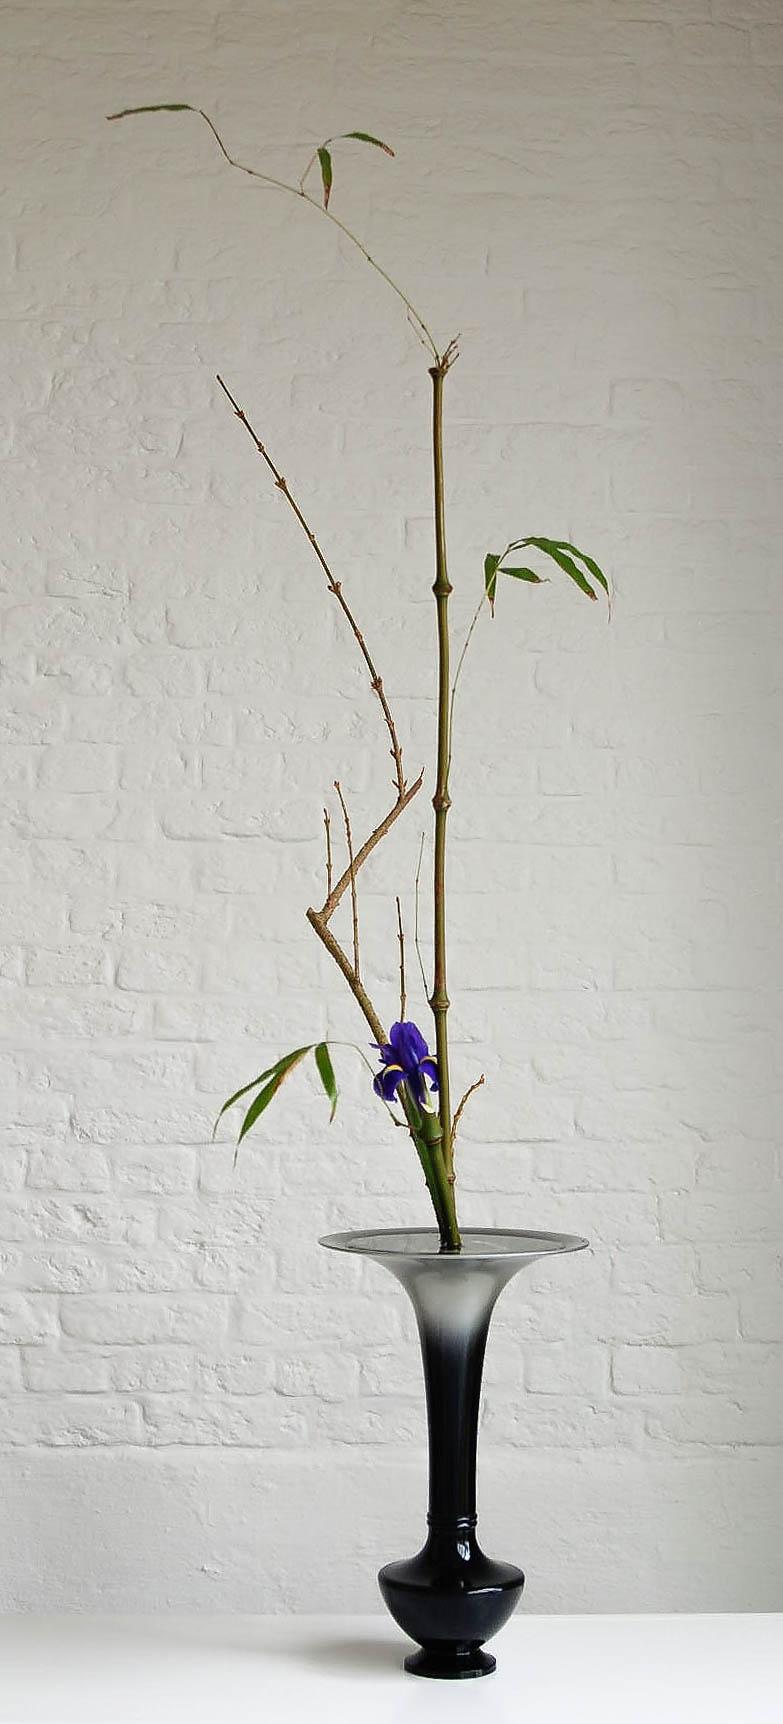 7 sho shim bamboe fors iris.jpg